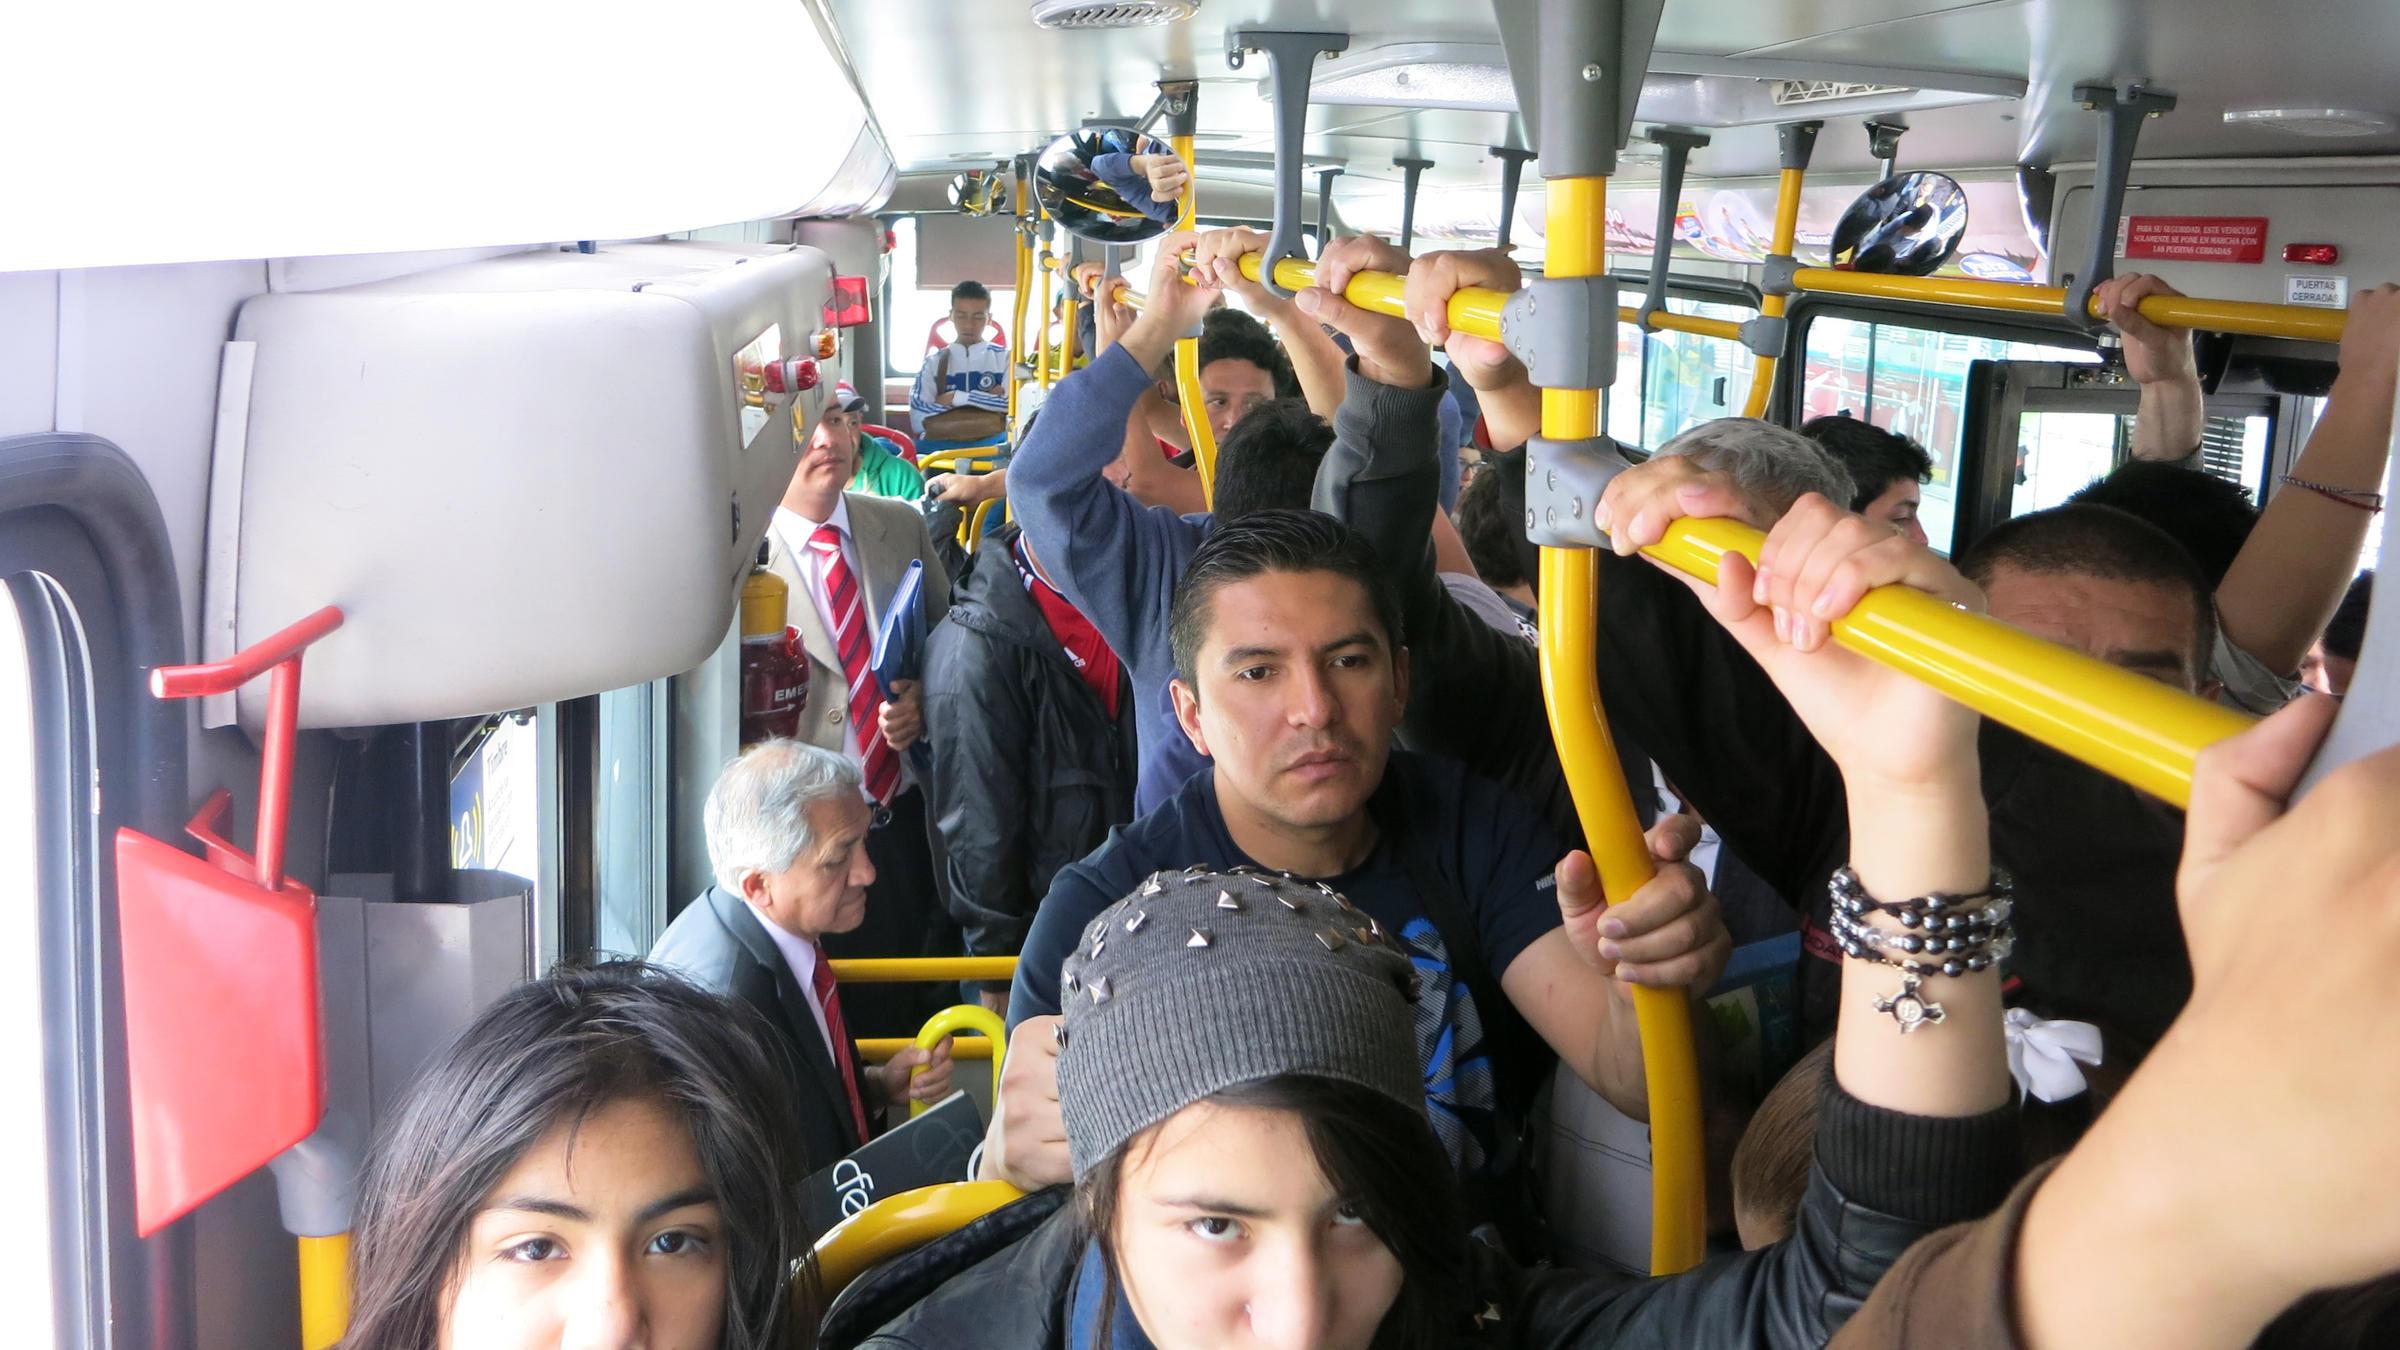 Трогают девушек в автобусе, Трогает девушку в автобусе. Лучшие. Смотри редкие 27 фотография